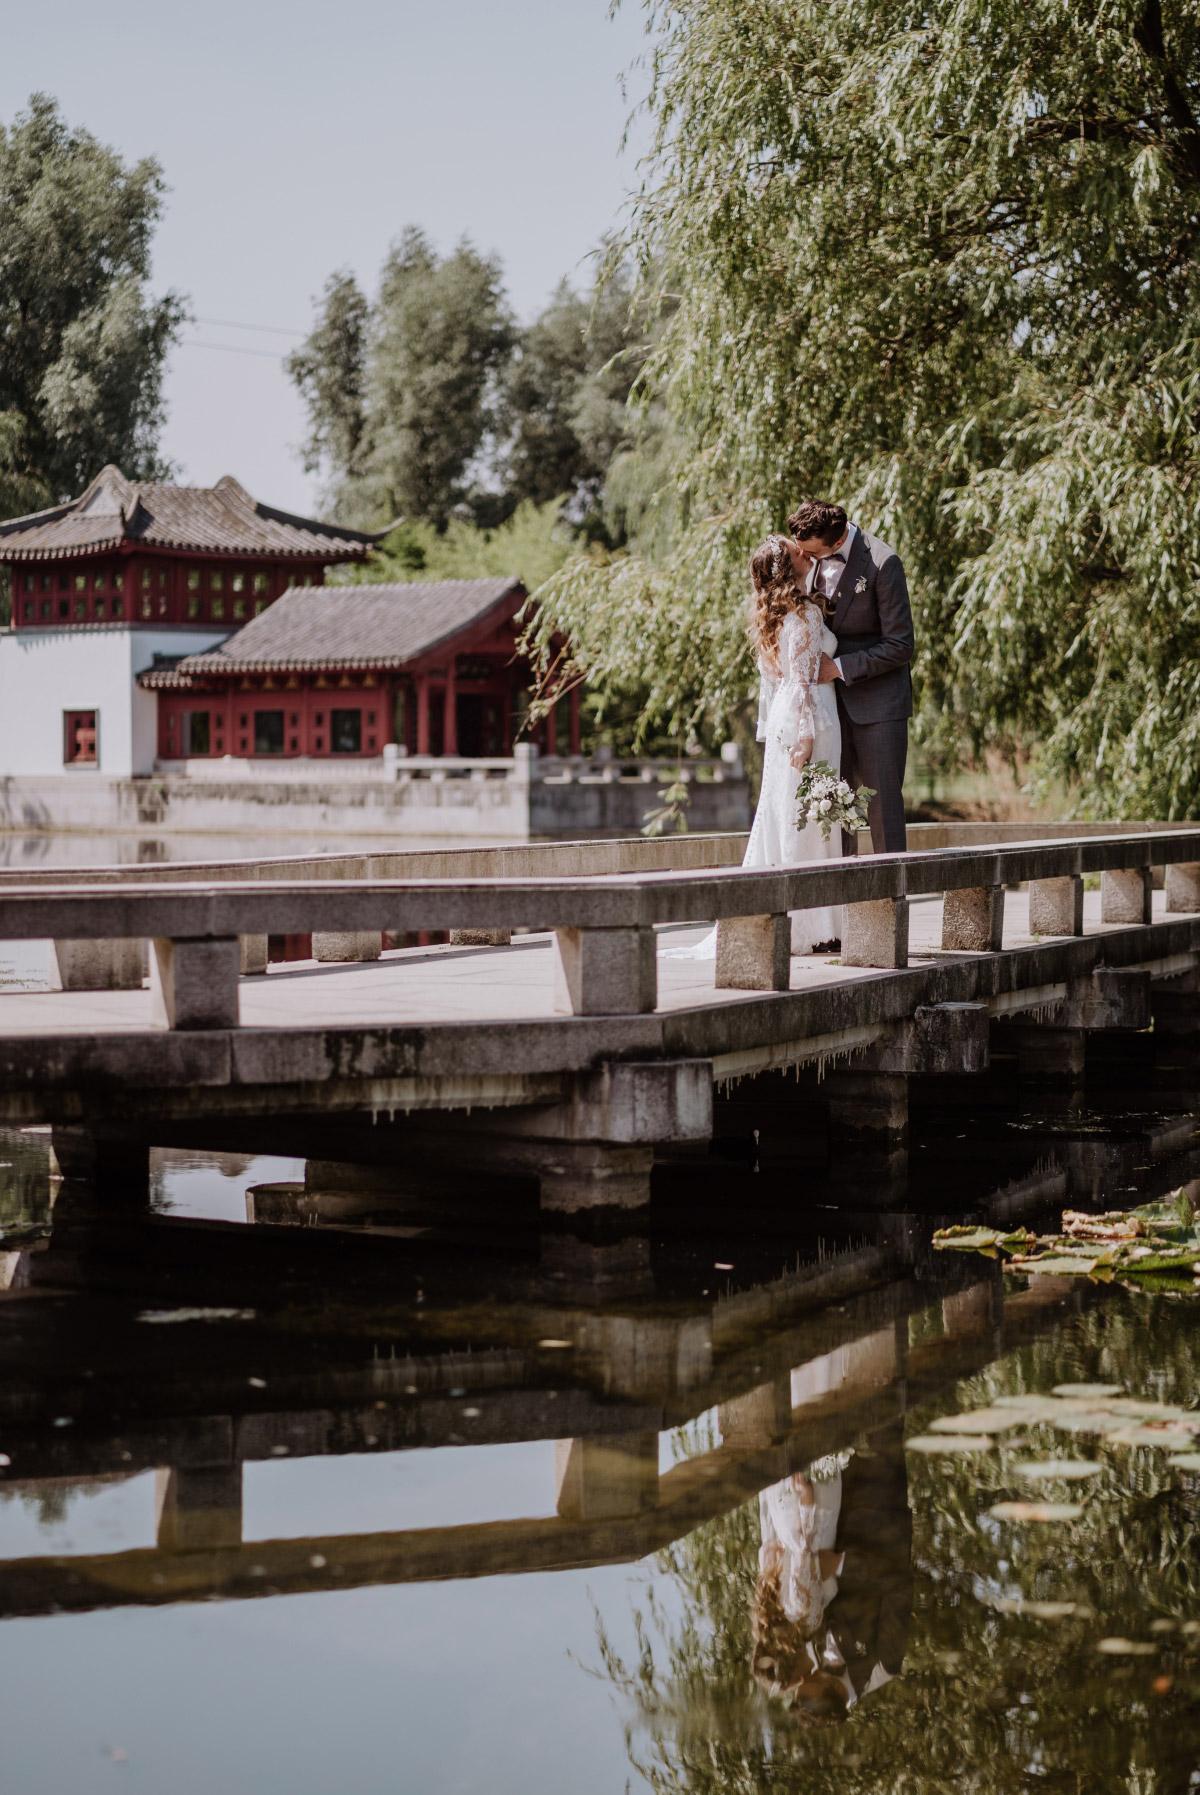 Hochzeitslocation Berlin - Corona Hochzeit im Standesamt Berlin Gärten der Welt Chinesischer Garten - mehr im Blog von Hochzeitsfotografin Berlin © www.hochzeitslicht.de #hochzeitslicht